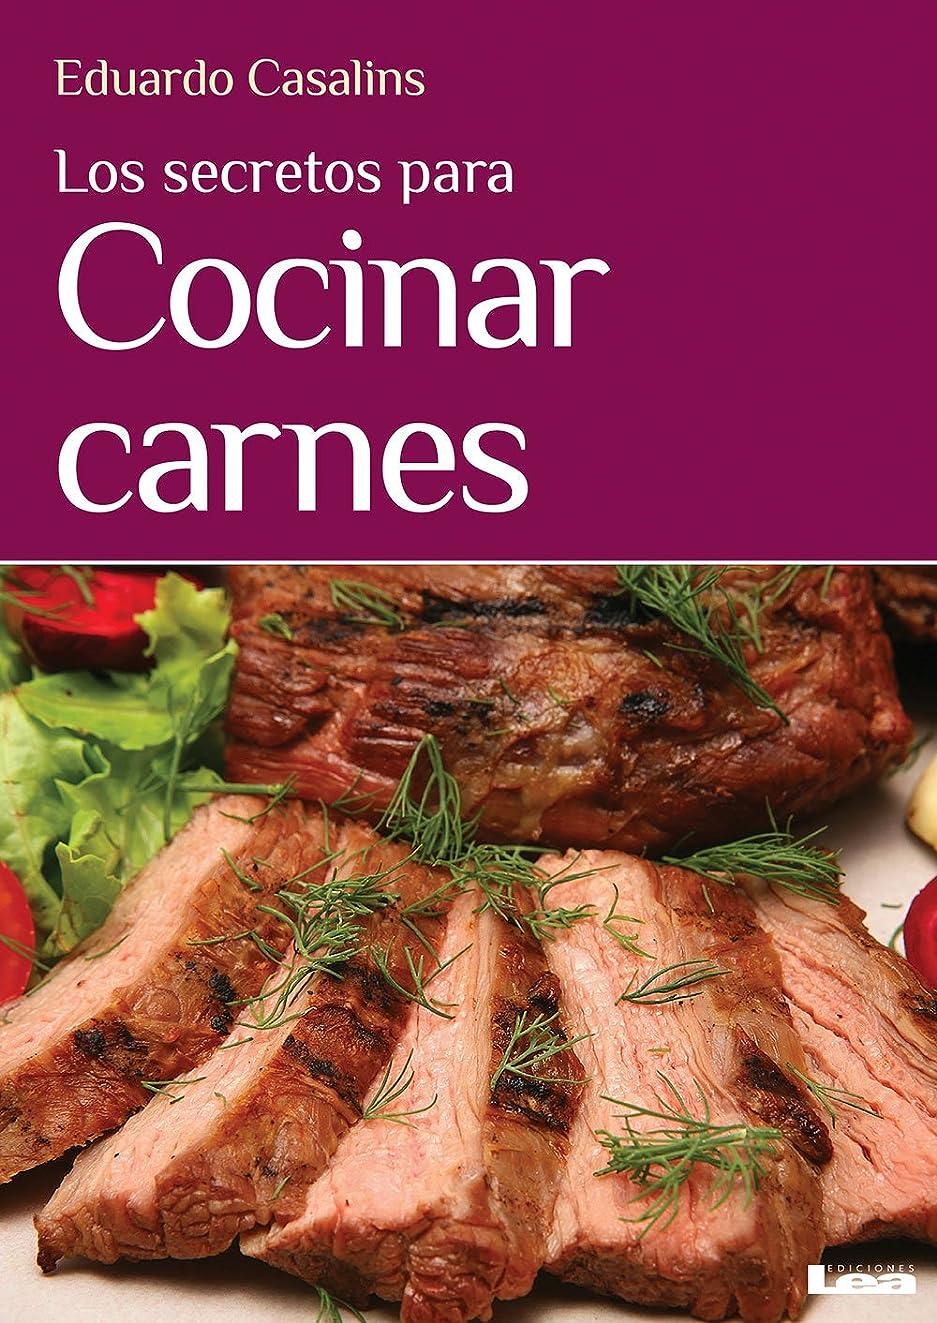 Los secretos para cocinar carnes (Spanish Edition)